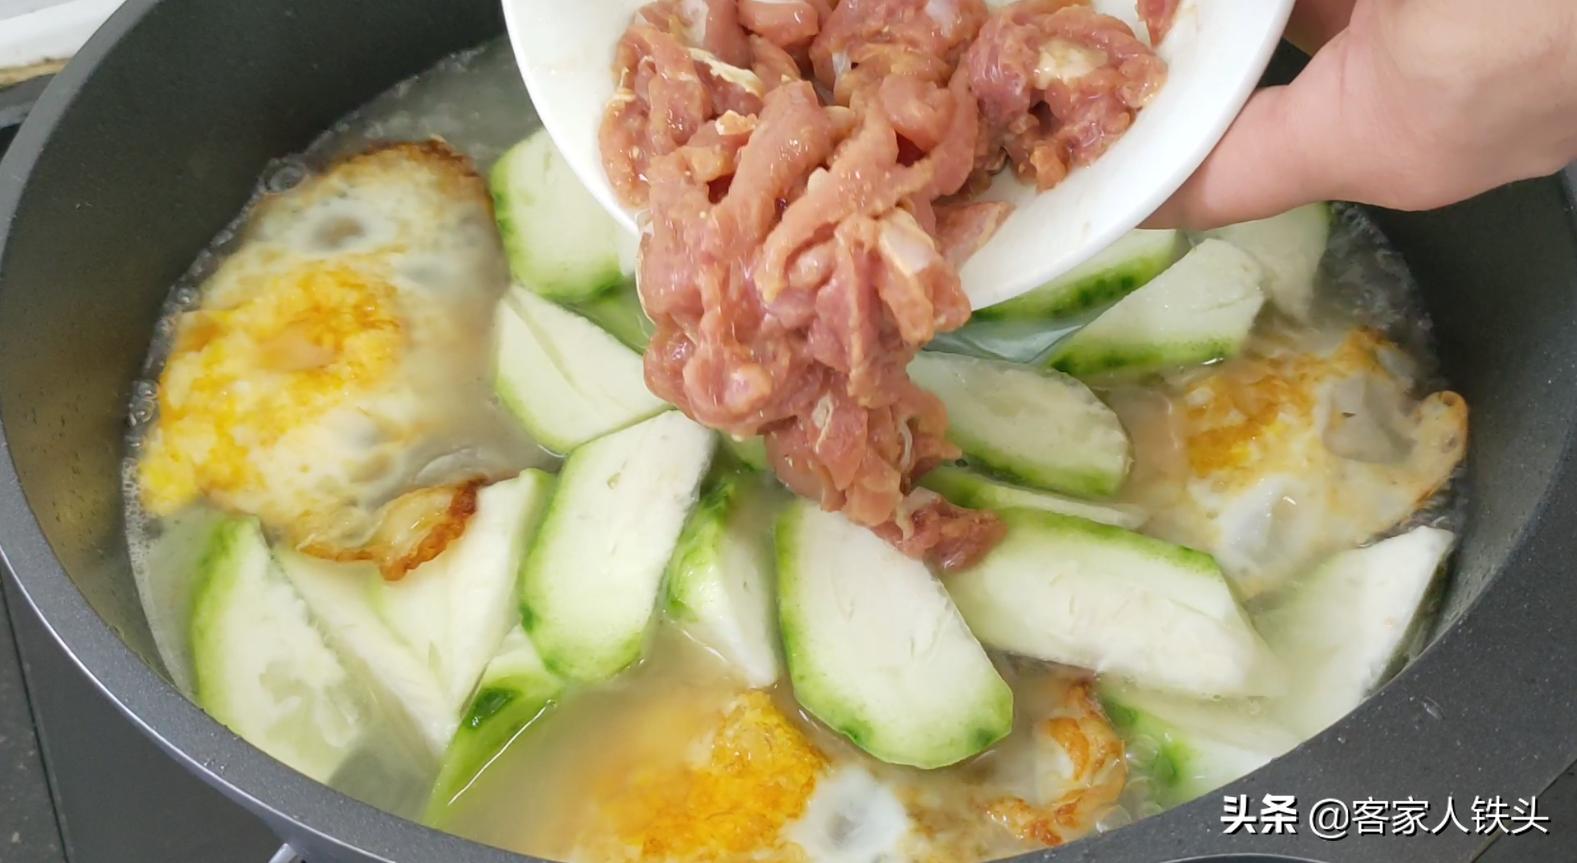 广东人做开胃靓汤为什么这么好喝?原来步骤很简单,营养味美便宜